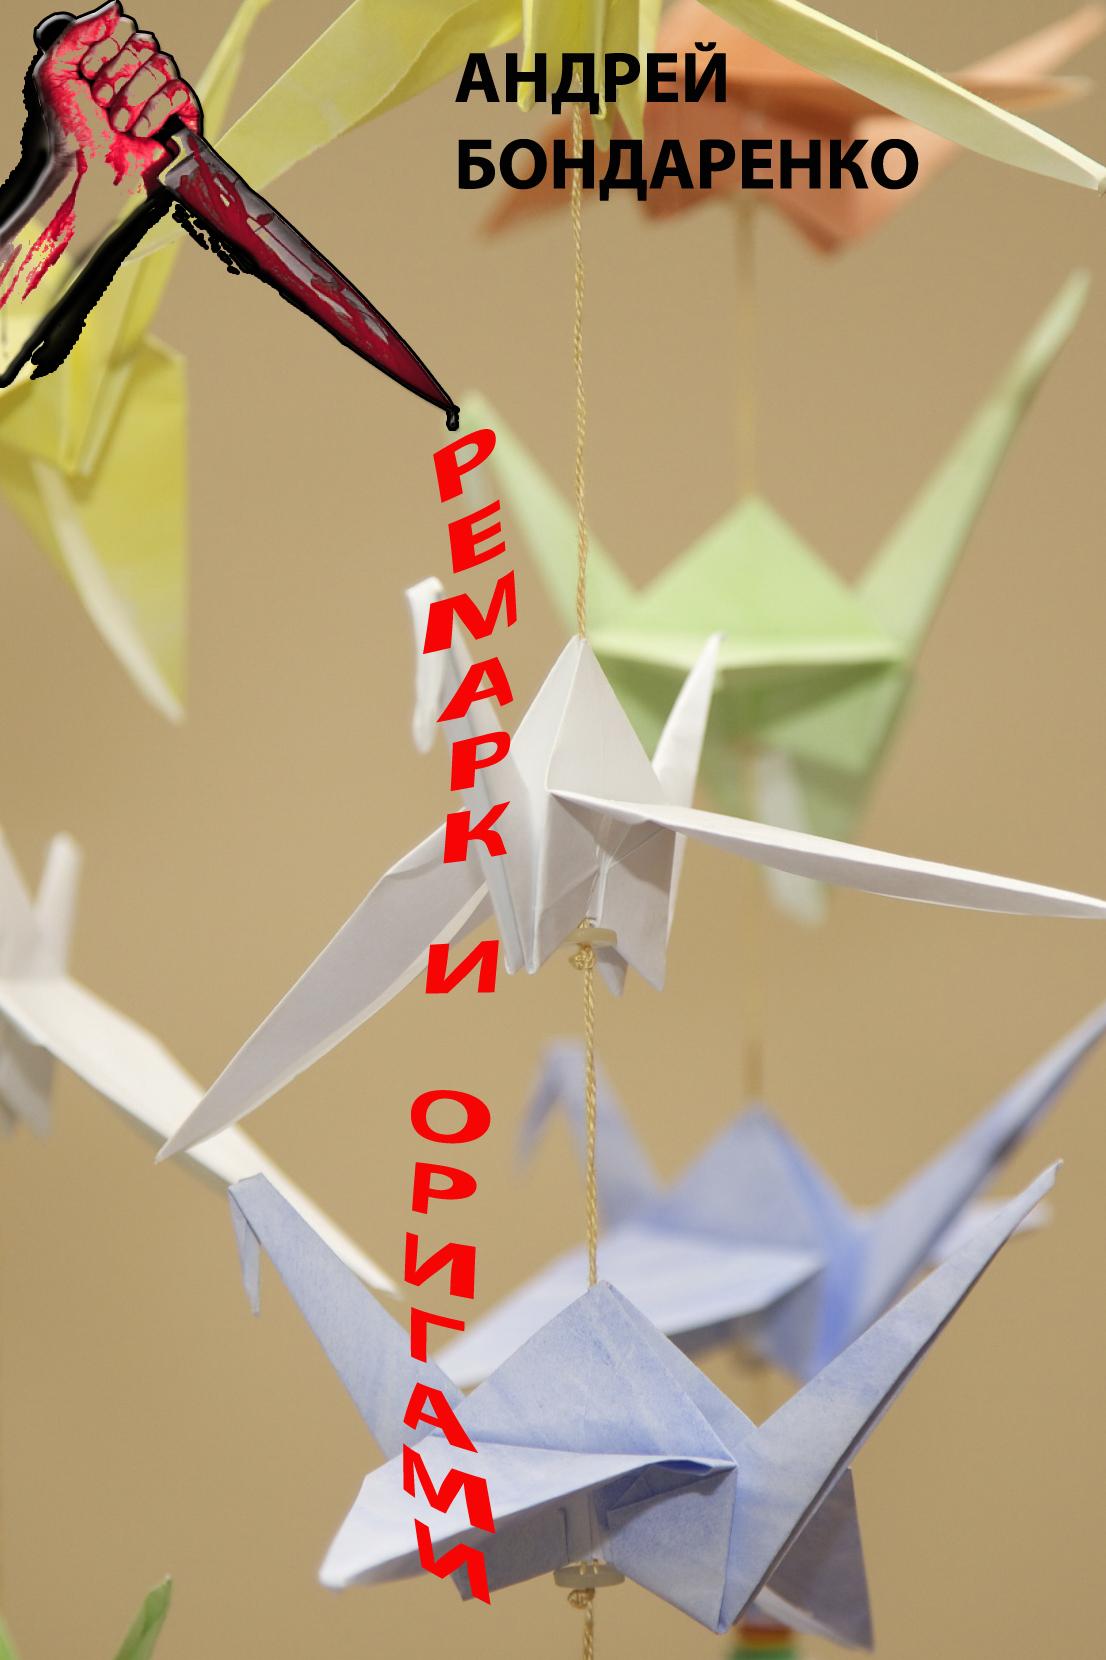 Андрей Бондаренко Ремарк и оригами и крылов как наука помогает раскрывать преступления page 5